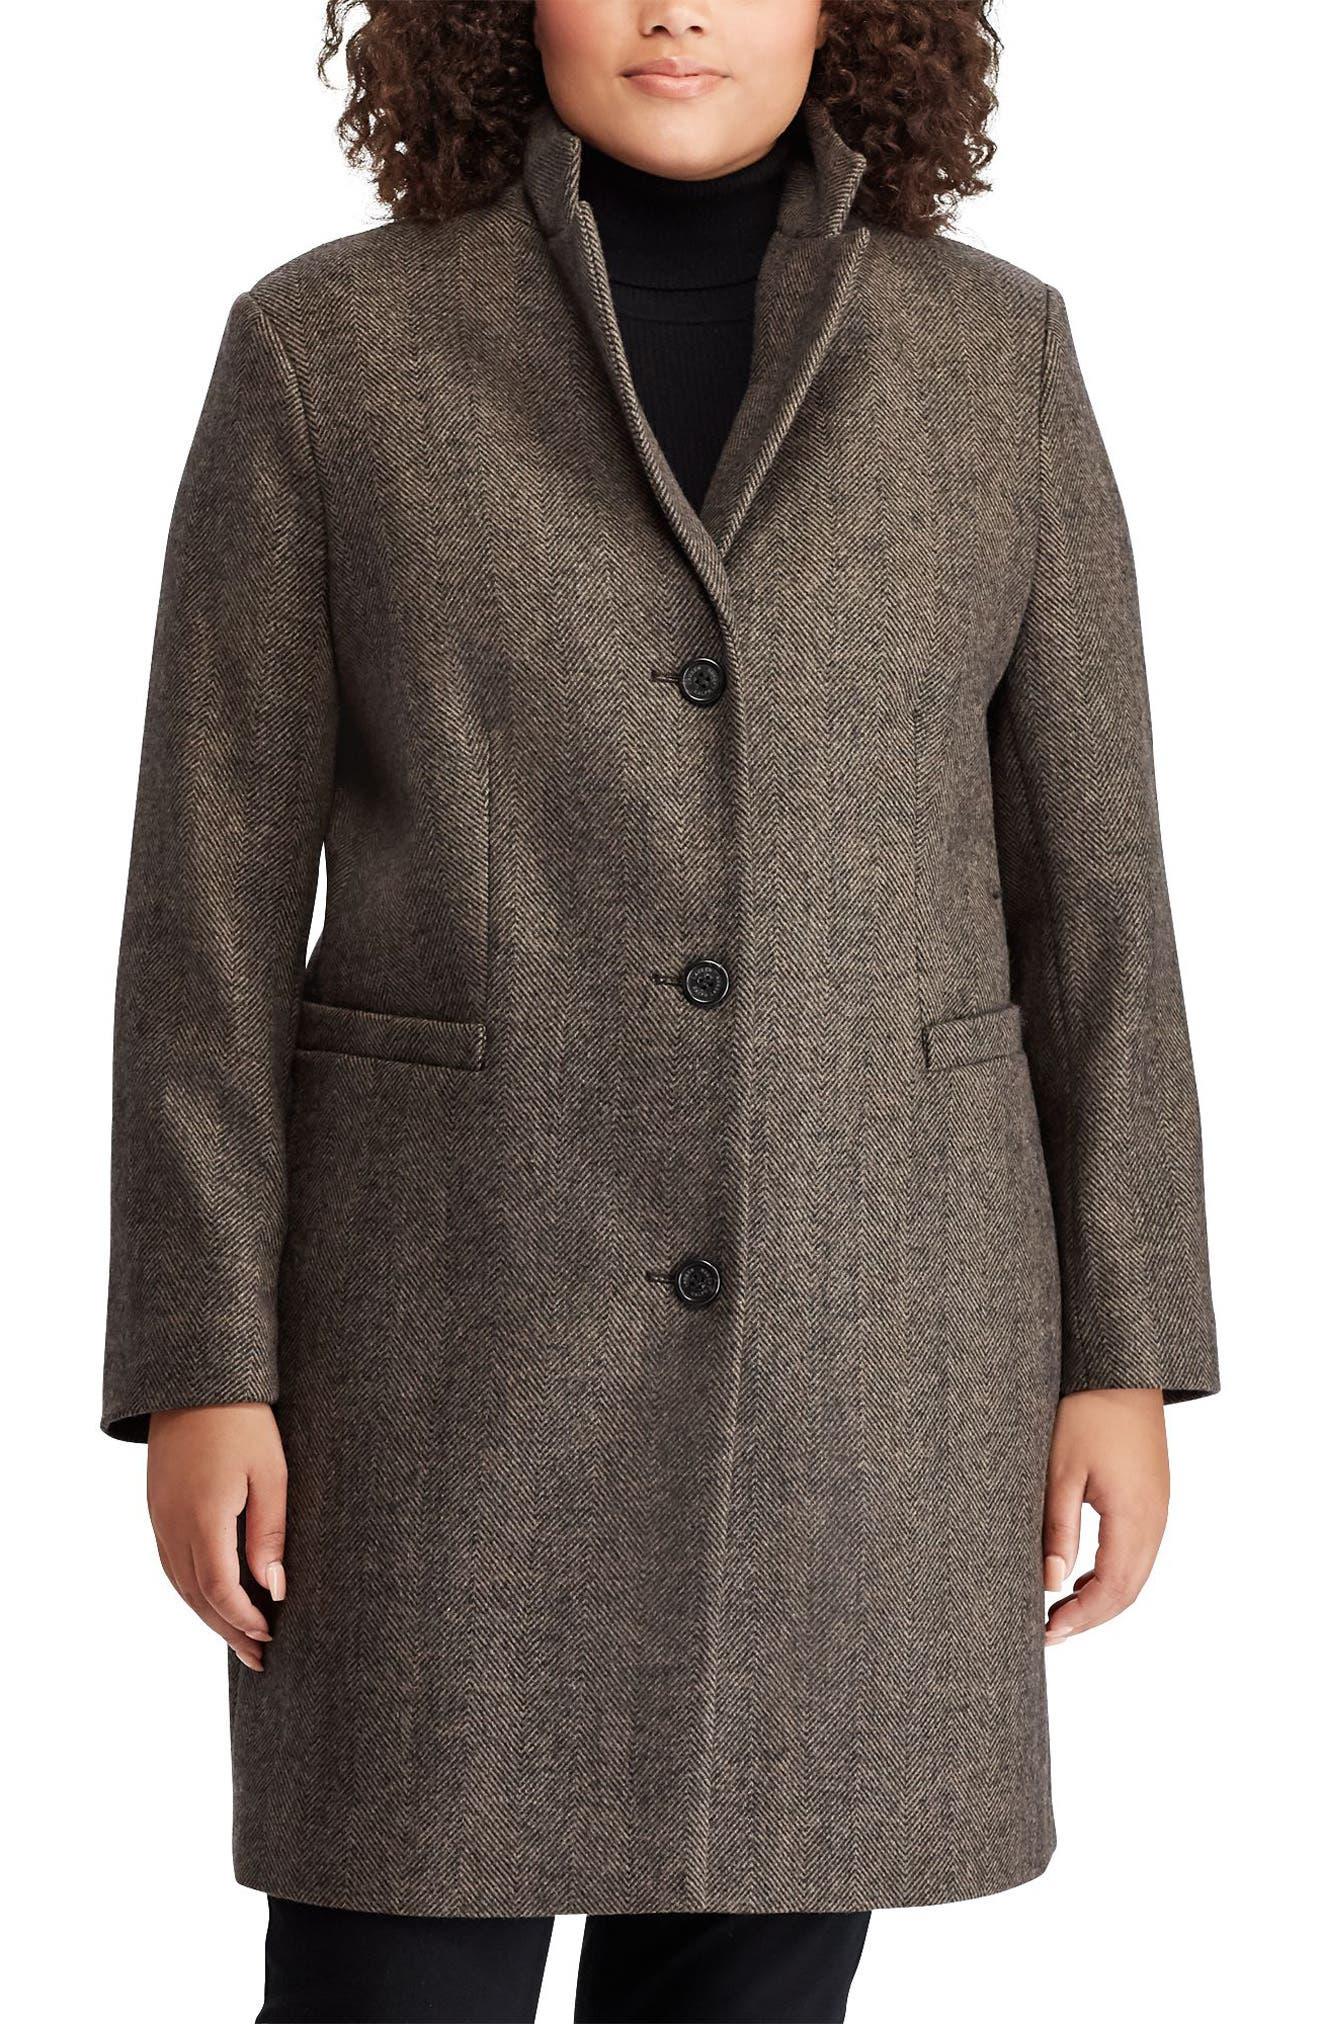 LAUREN RALPH LAUREN Herringbone Wool Blend Reefer Coat, Main, color, 008